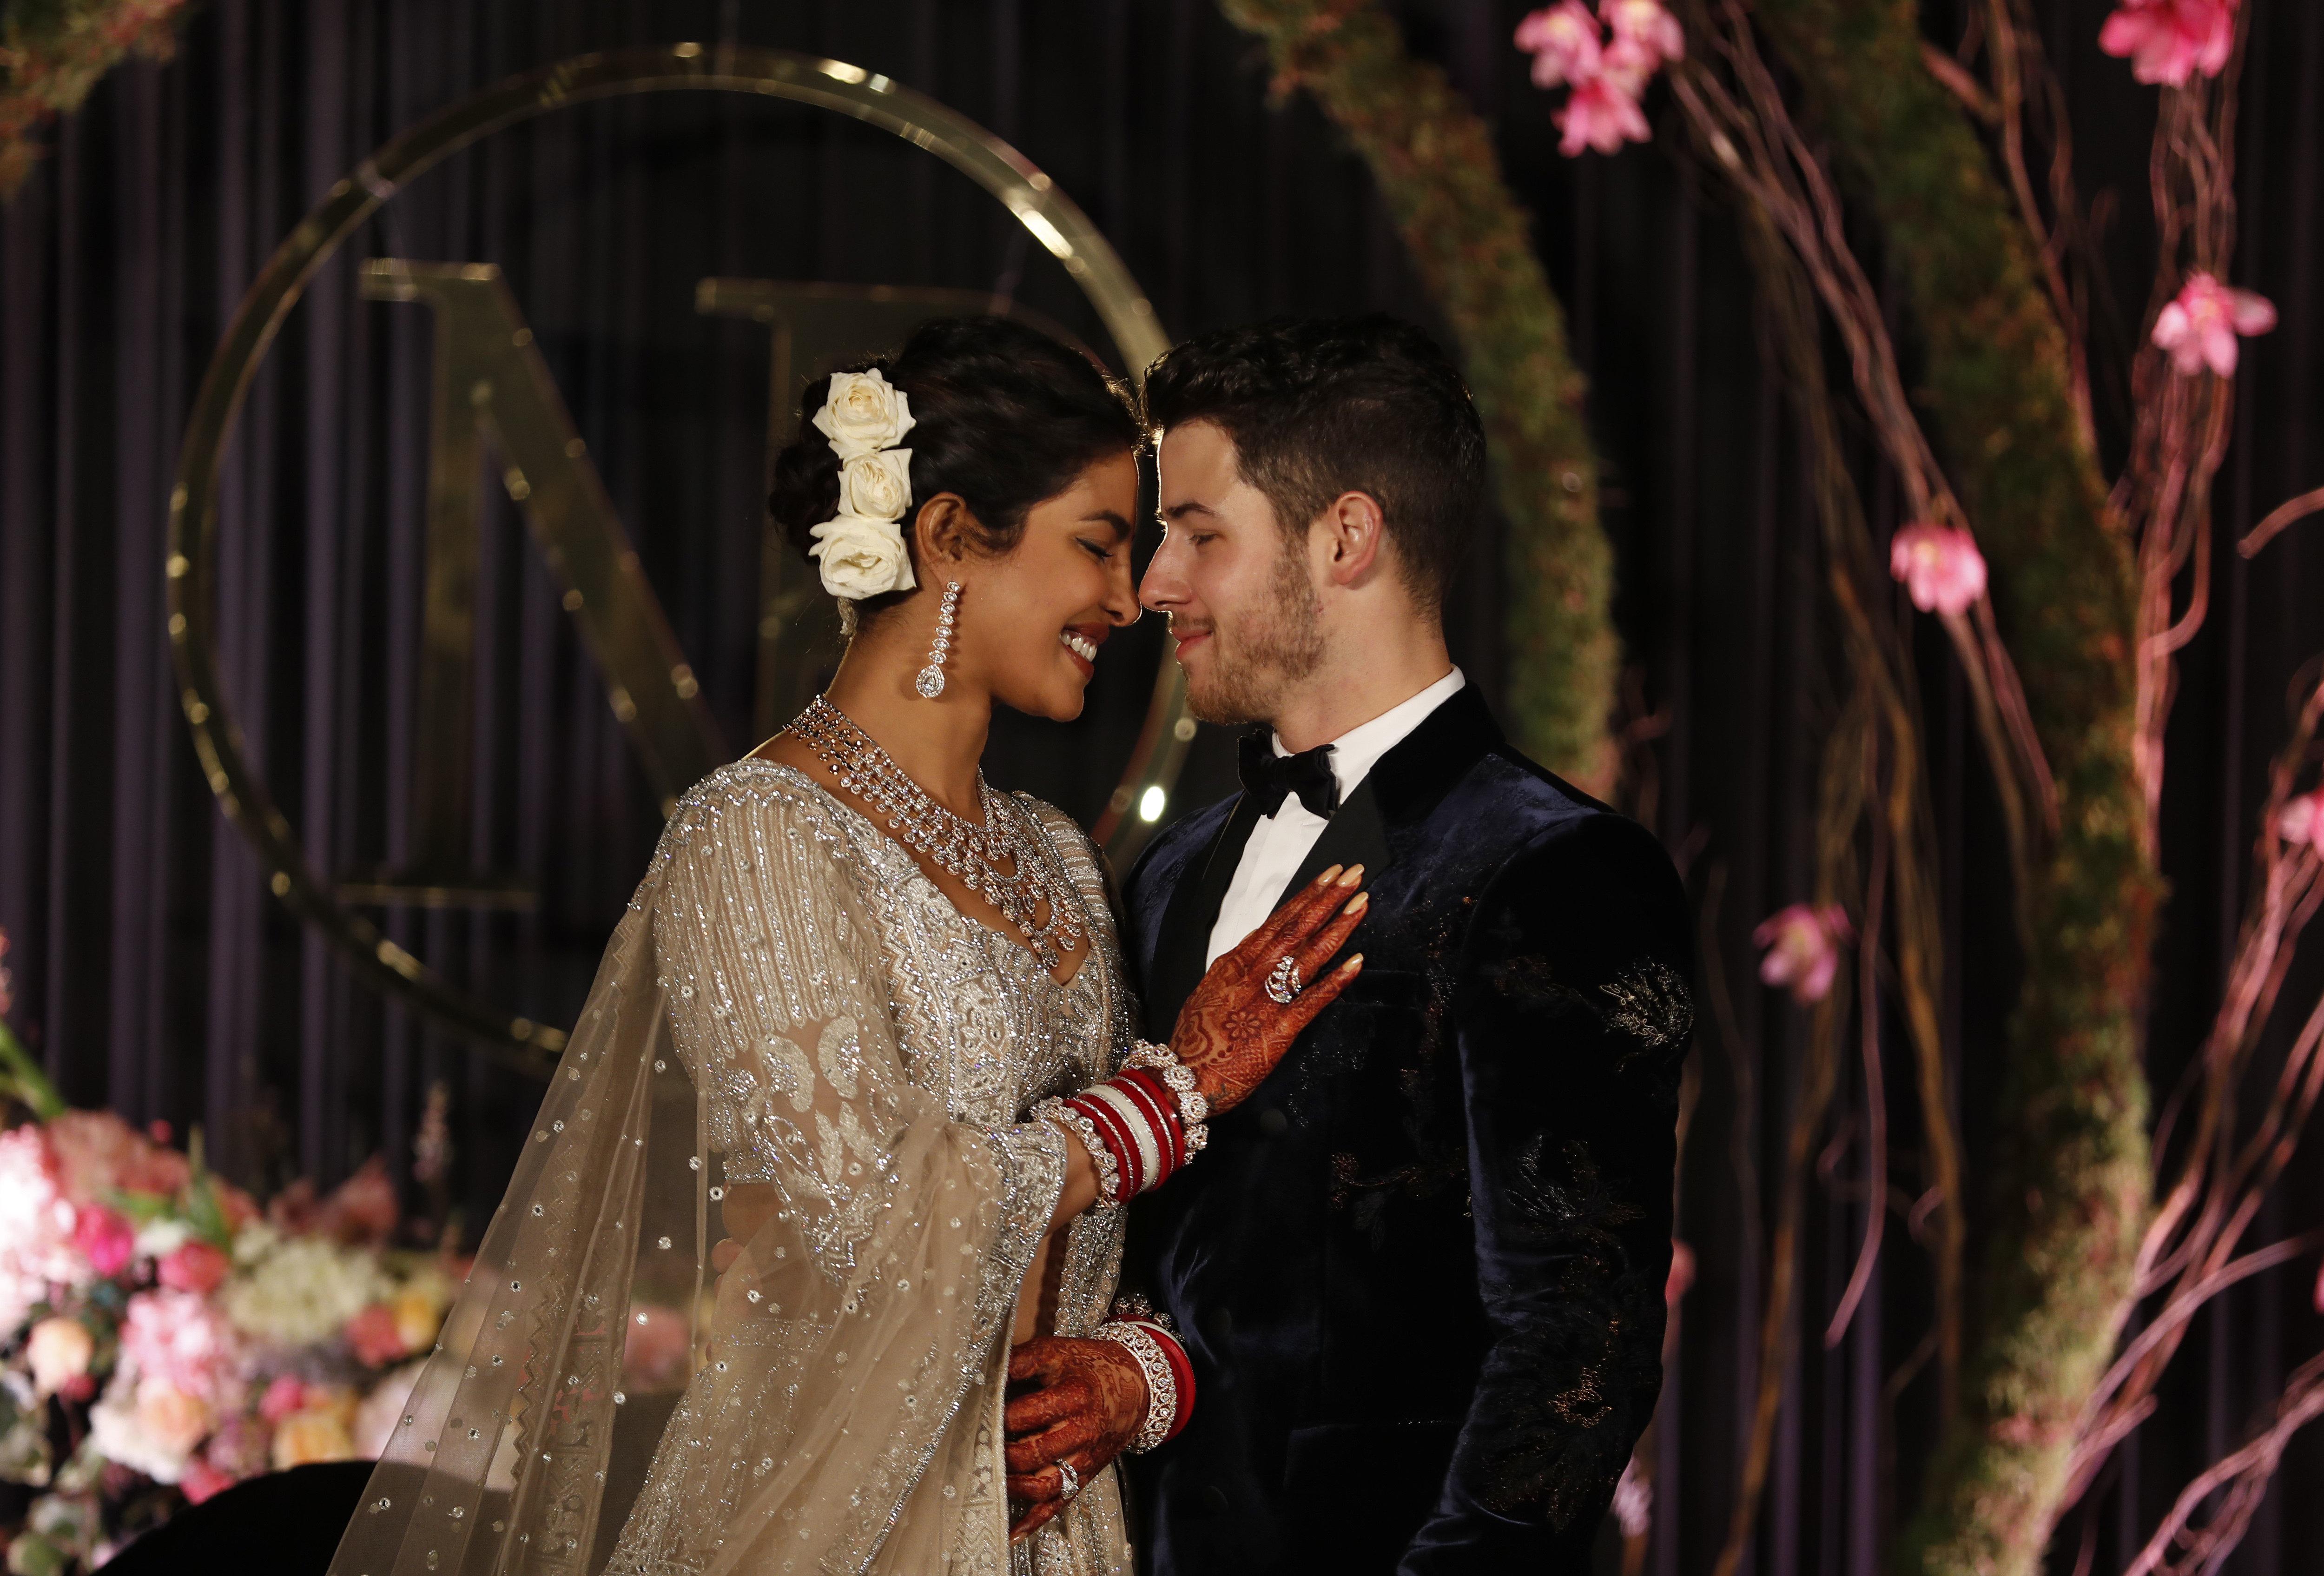 Στον παραμυθένιο διπλό γάμο της Πριγιάνκα Τσόπρα με τον Νικ